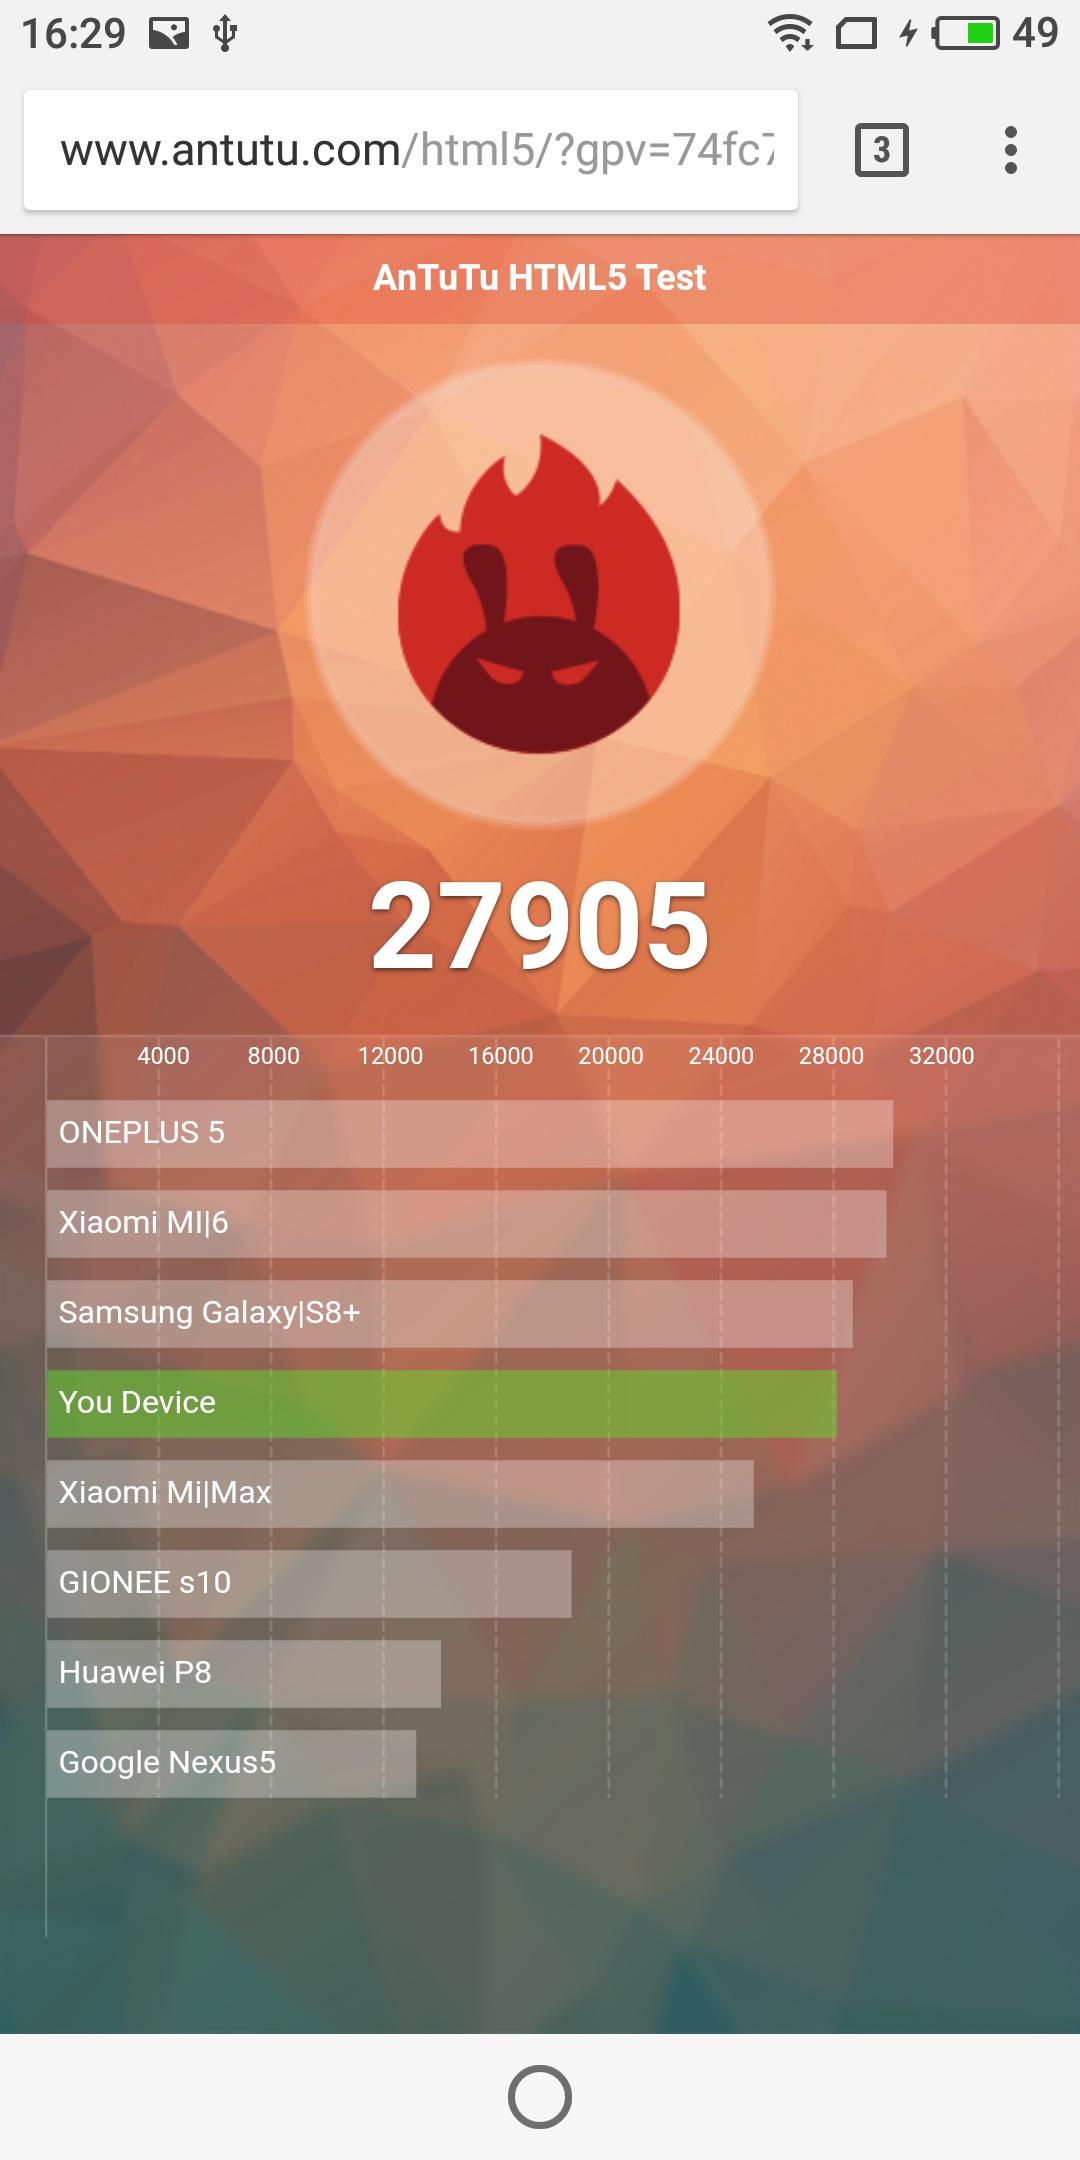 Meizu E3 Antutu HTML